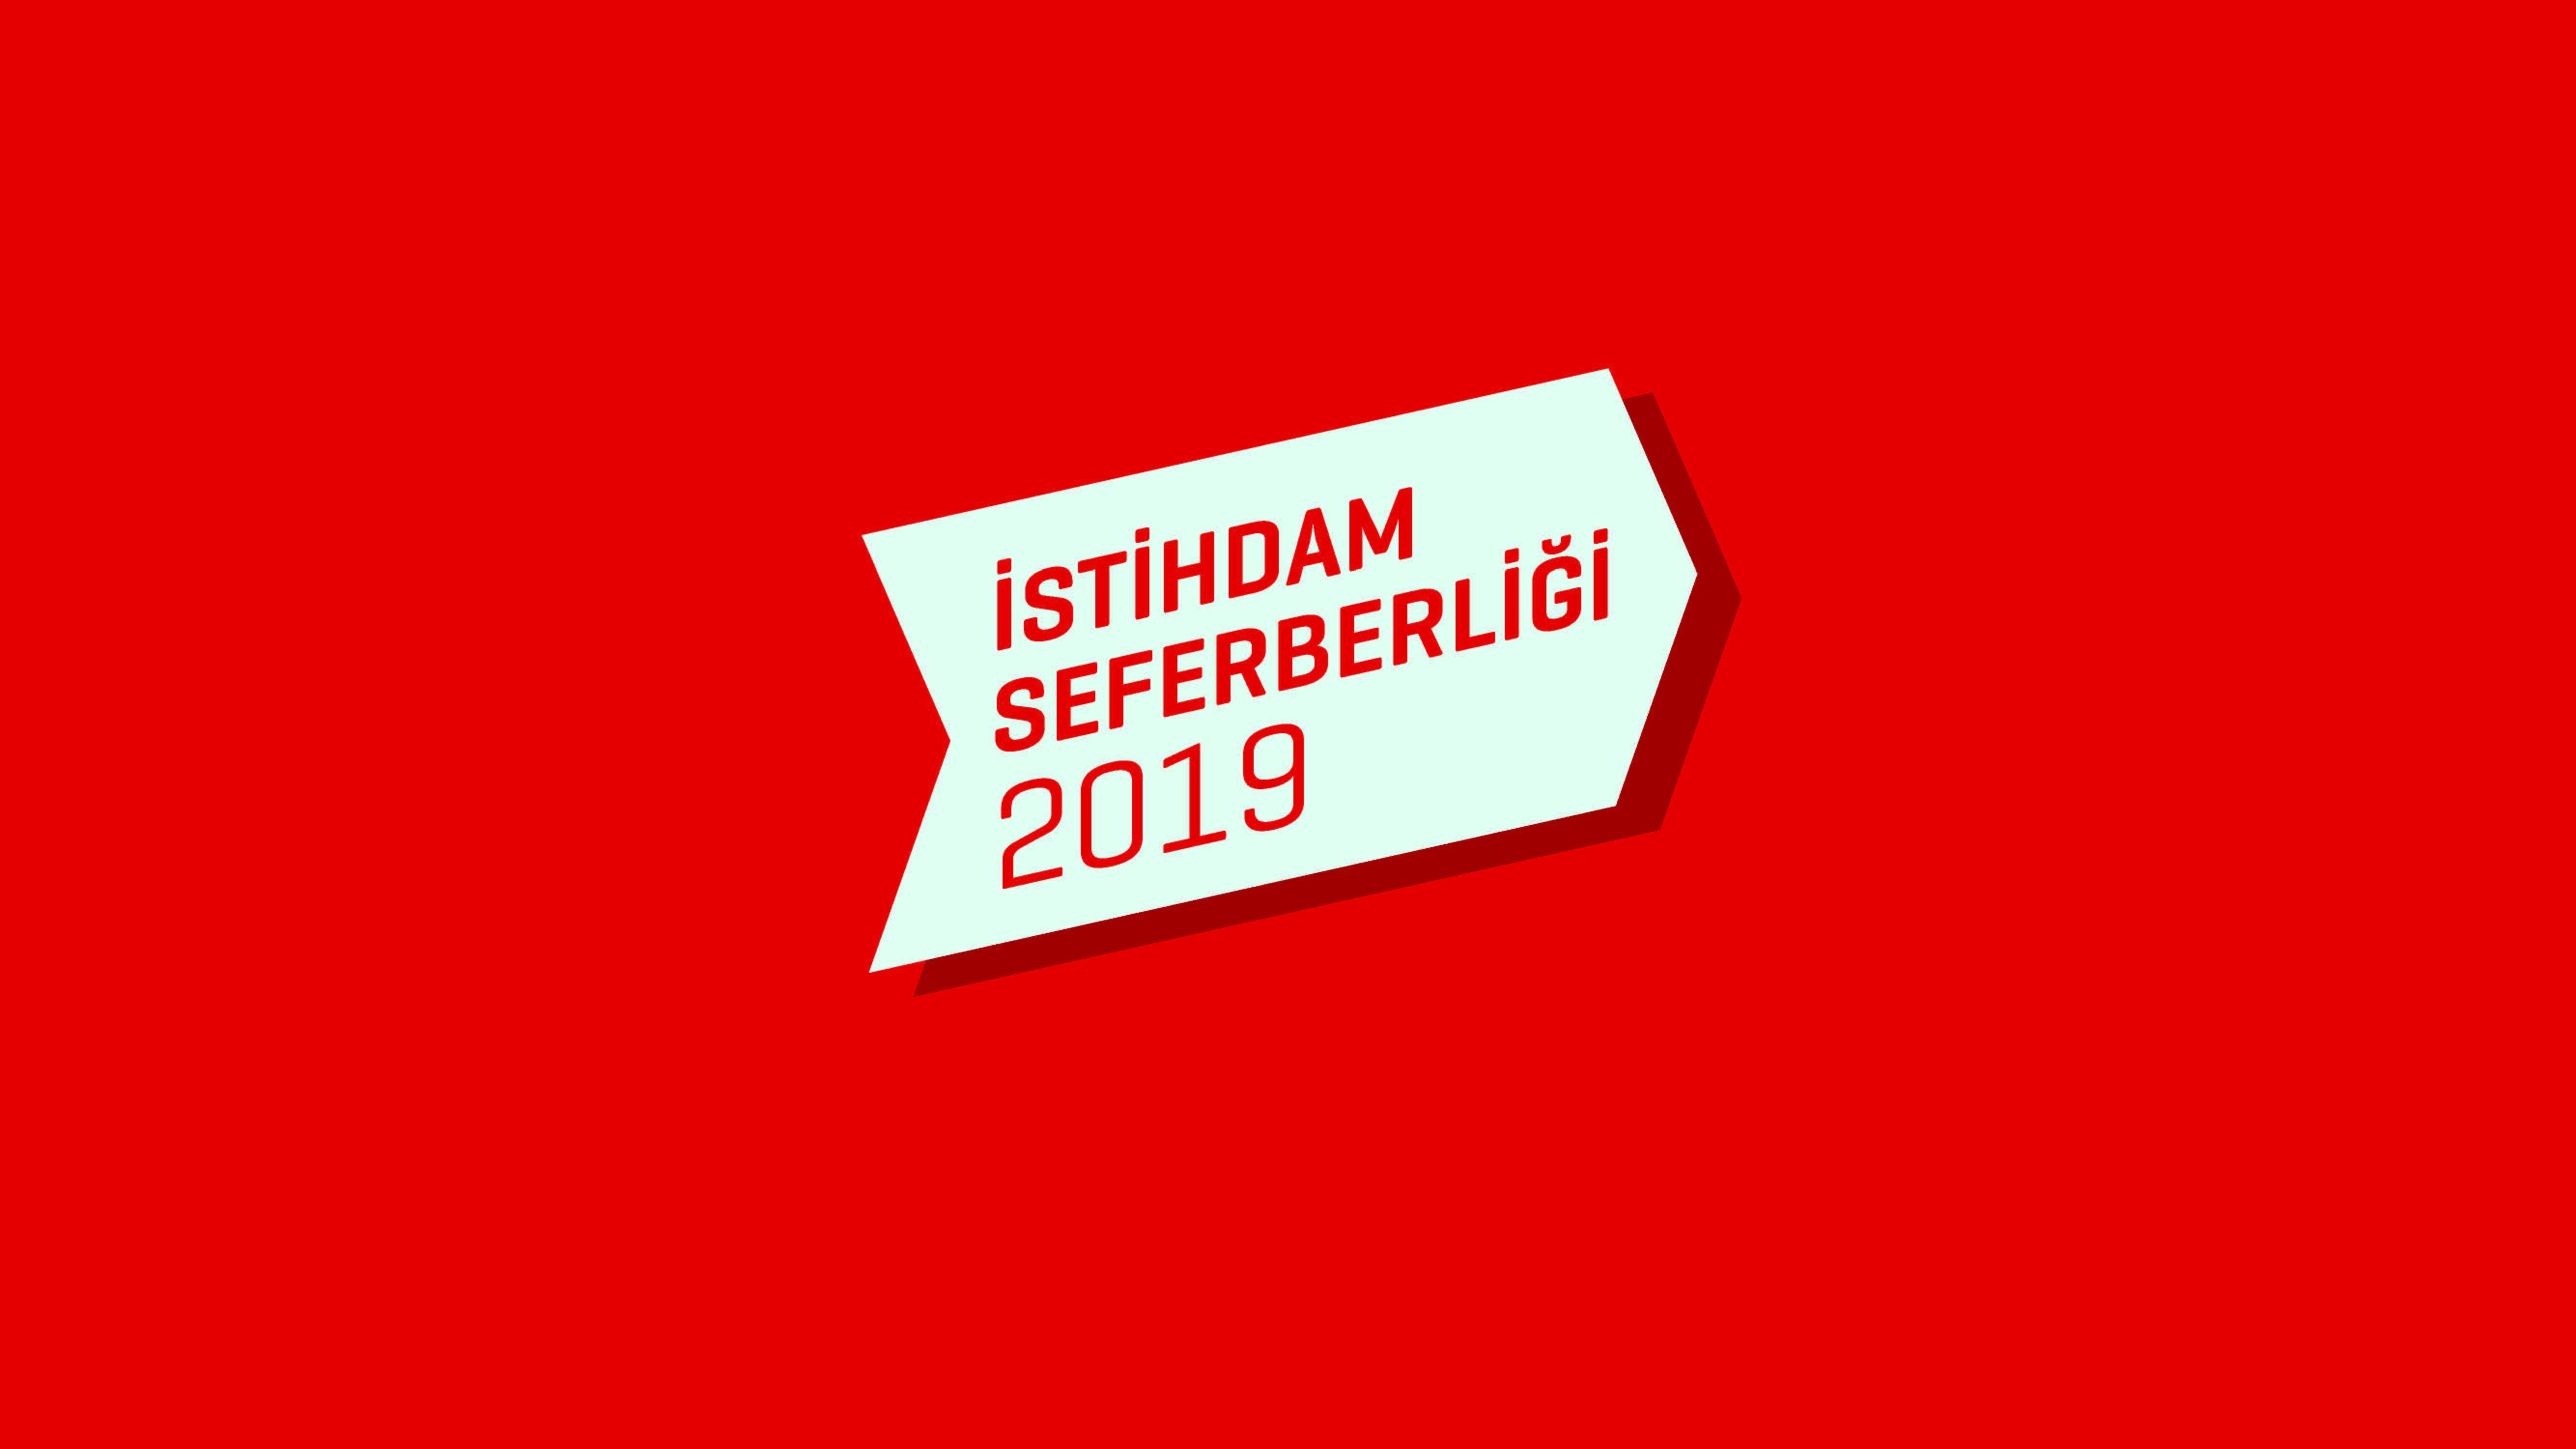 istihdam_2019_tesvik_00